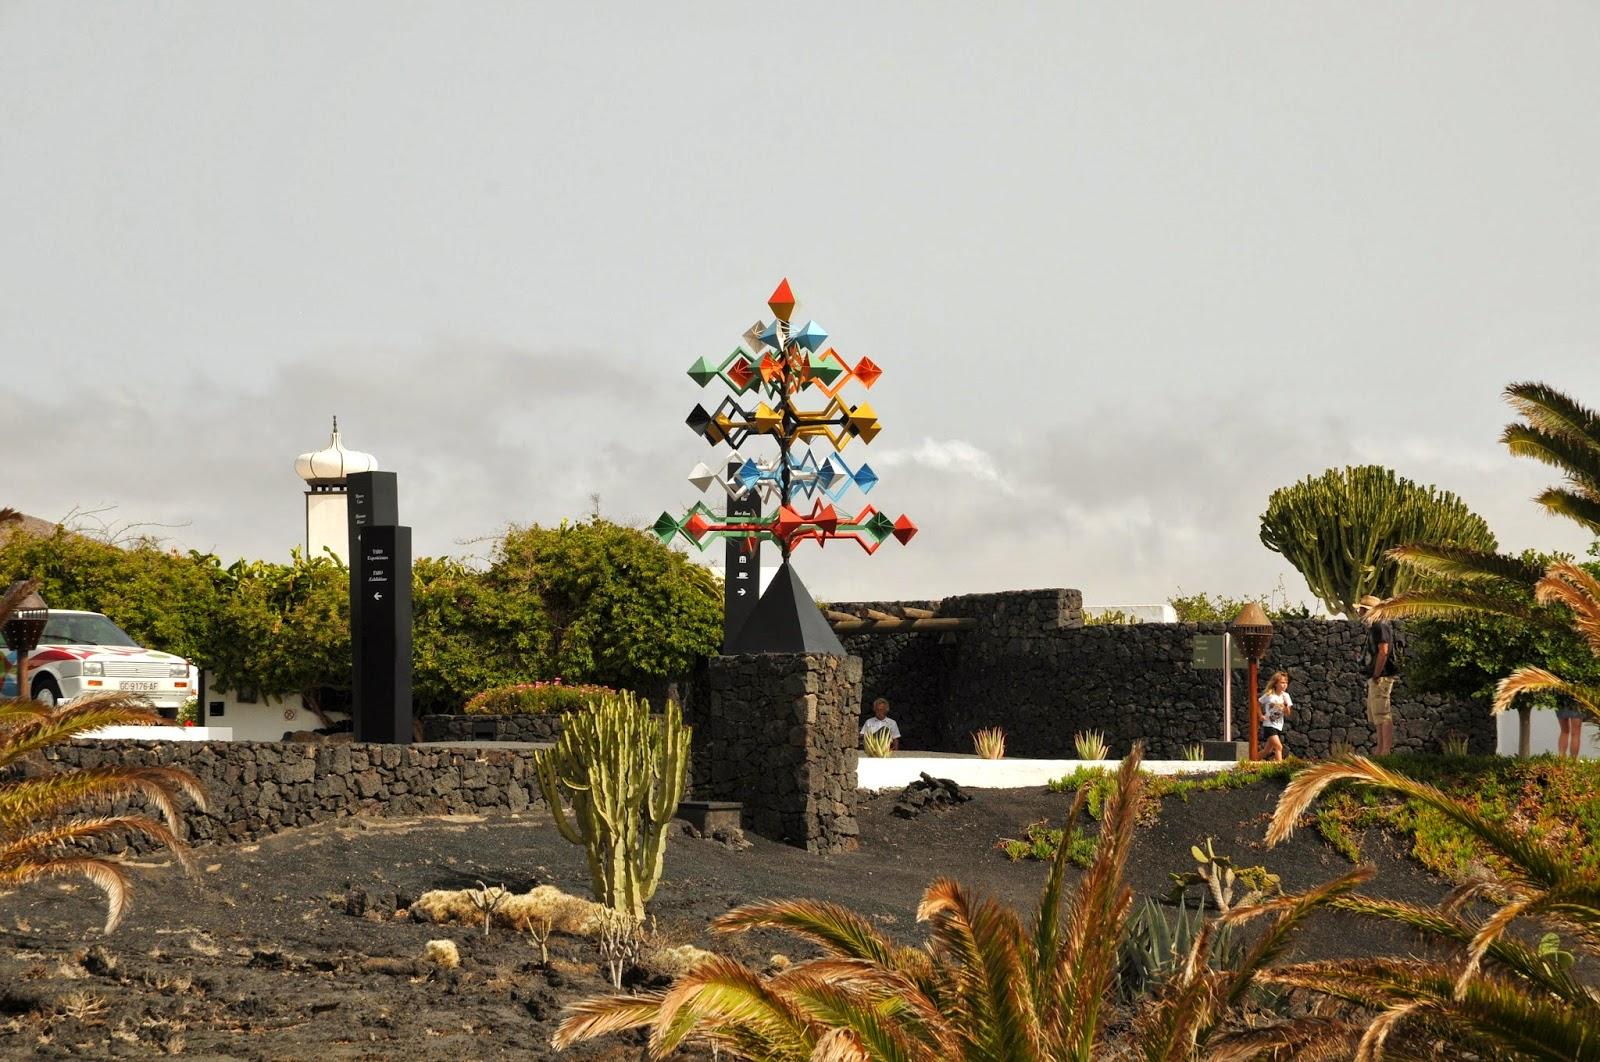 Fondazione César Manrique, Lanzarote